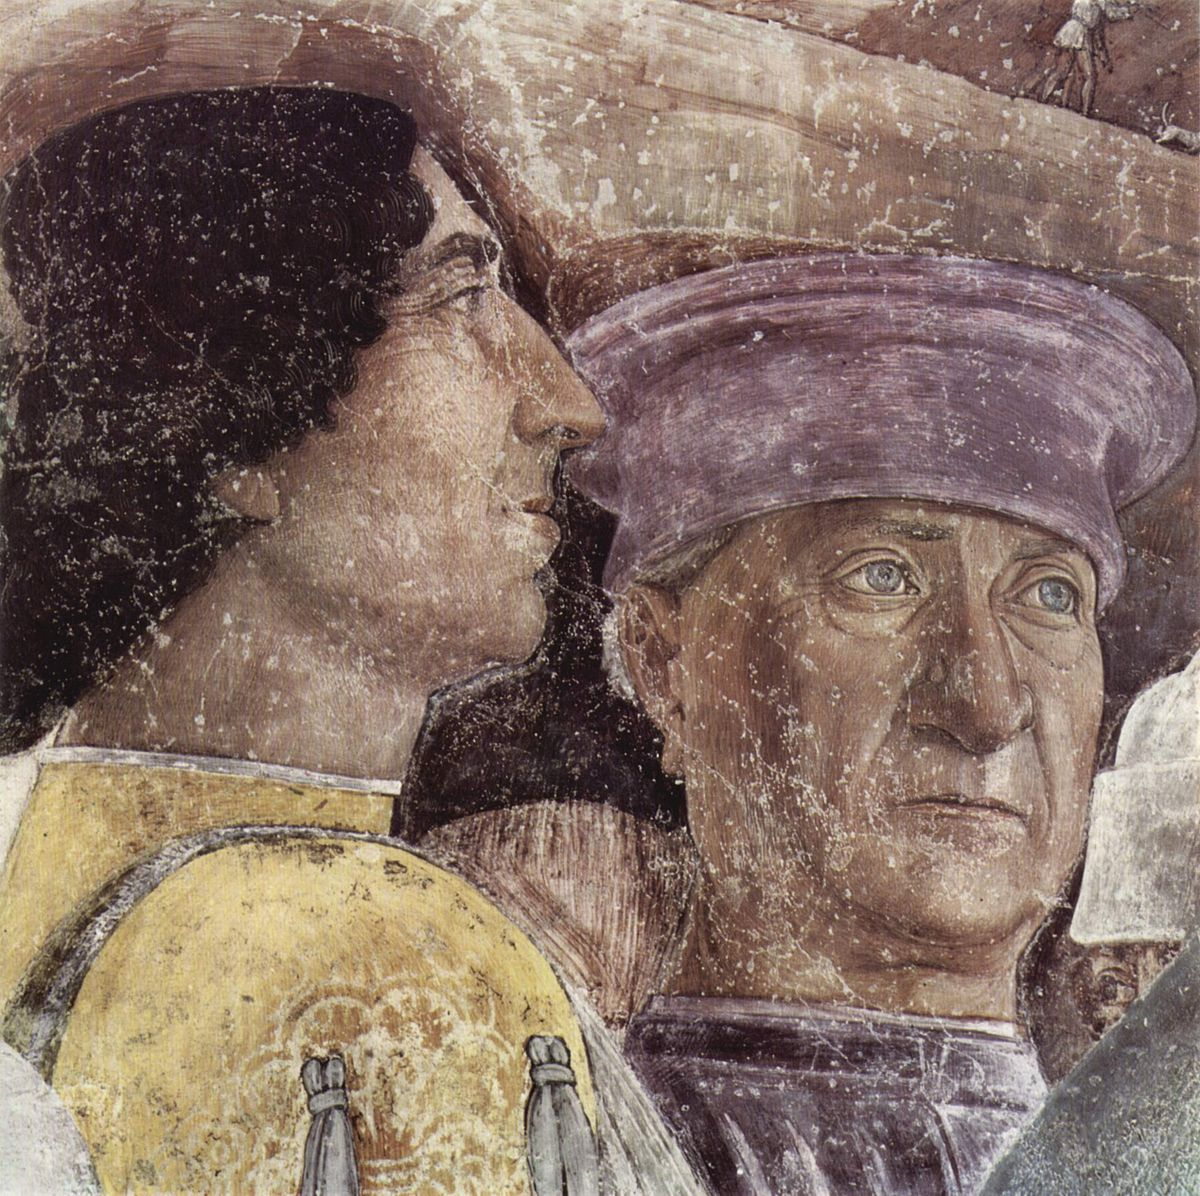 Andrea mantegna wikip dia for La camera degli sposi di andrea mantegna